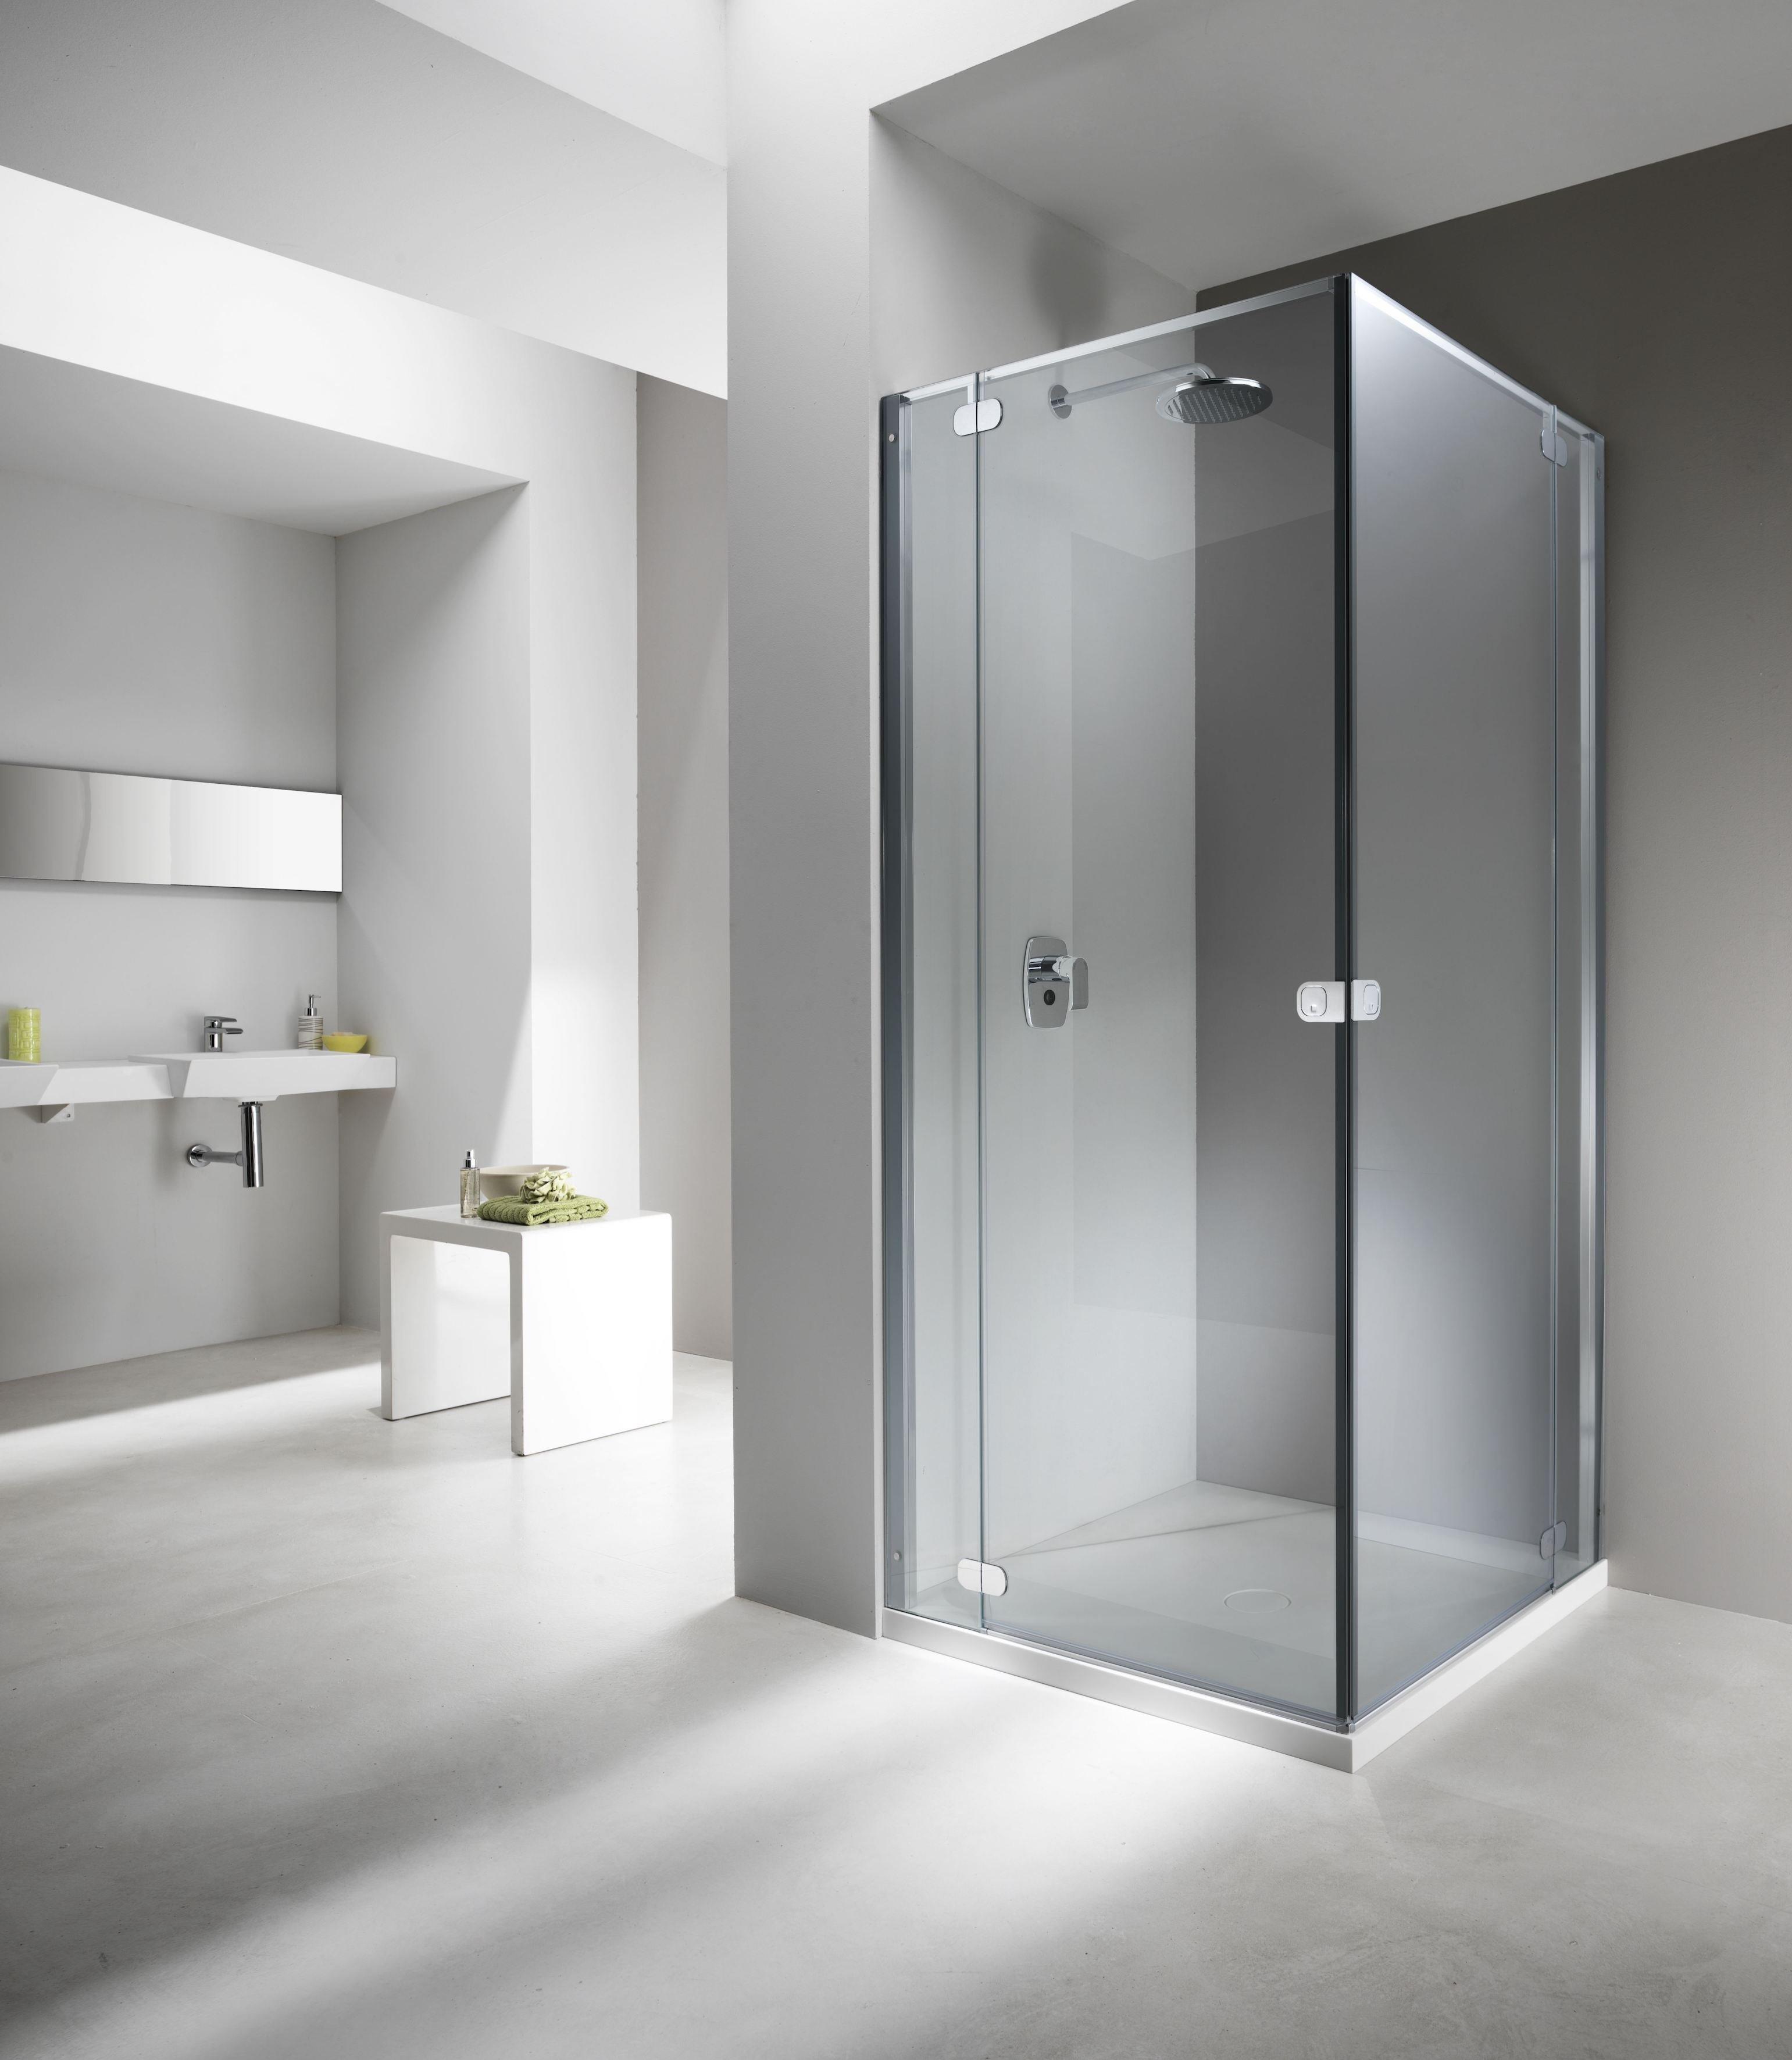 Cabine doccia senza telaio i vantaggi del design minimal cose di casa - Box doccia senza telaio ...